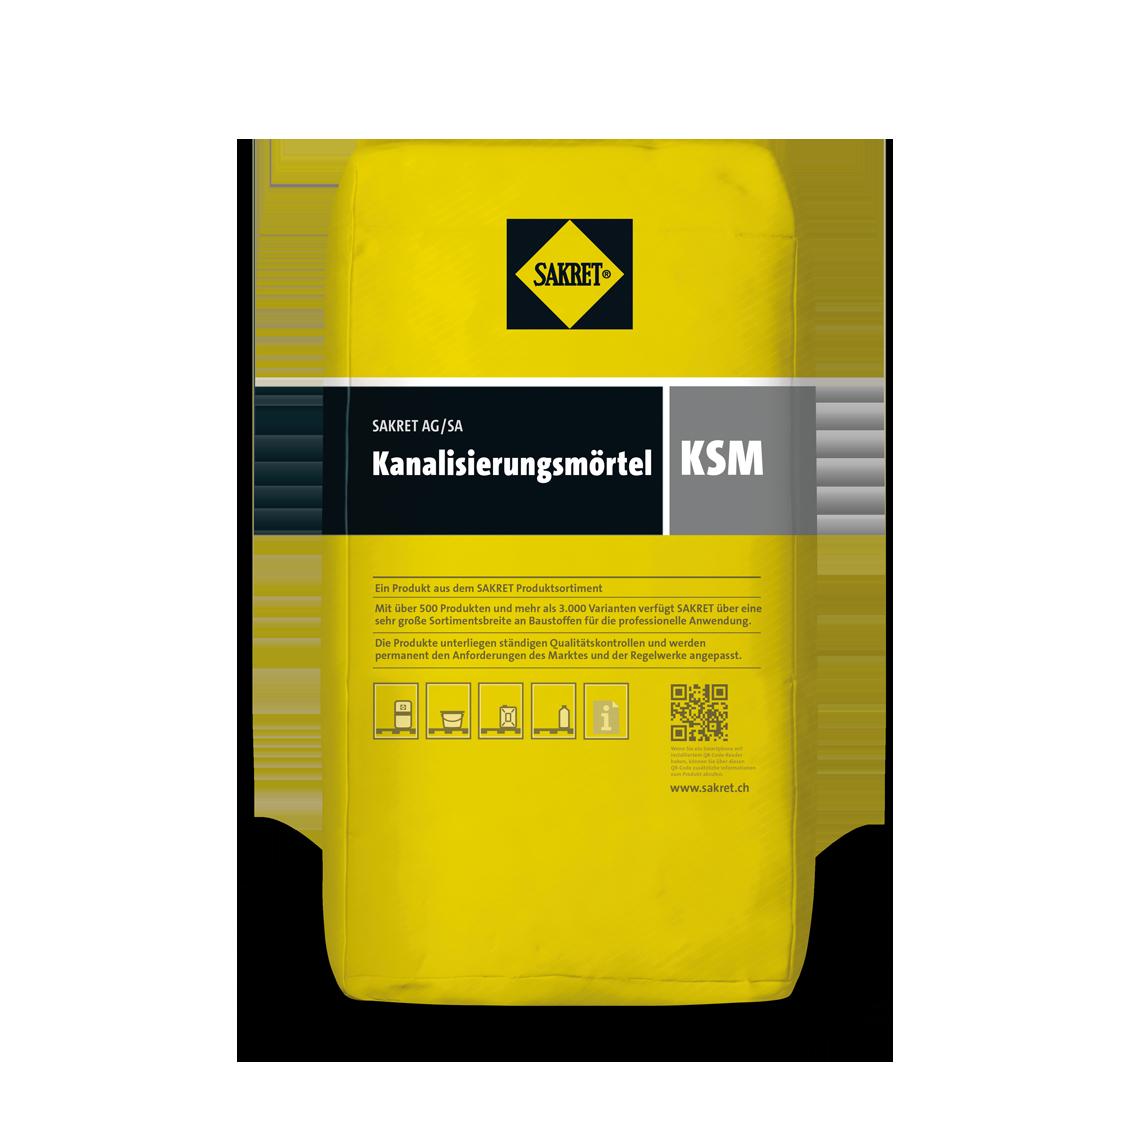 SAKRET Schweiz Kanalisierungsmörtel KSM